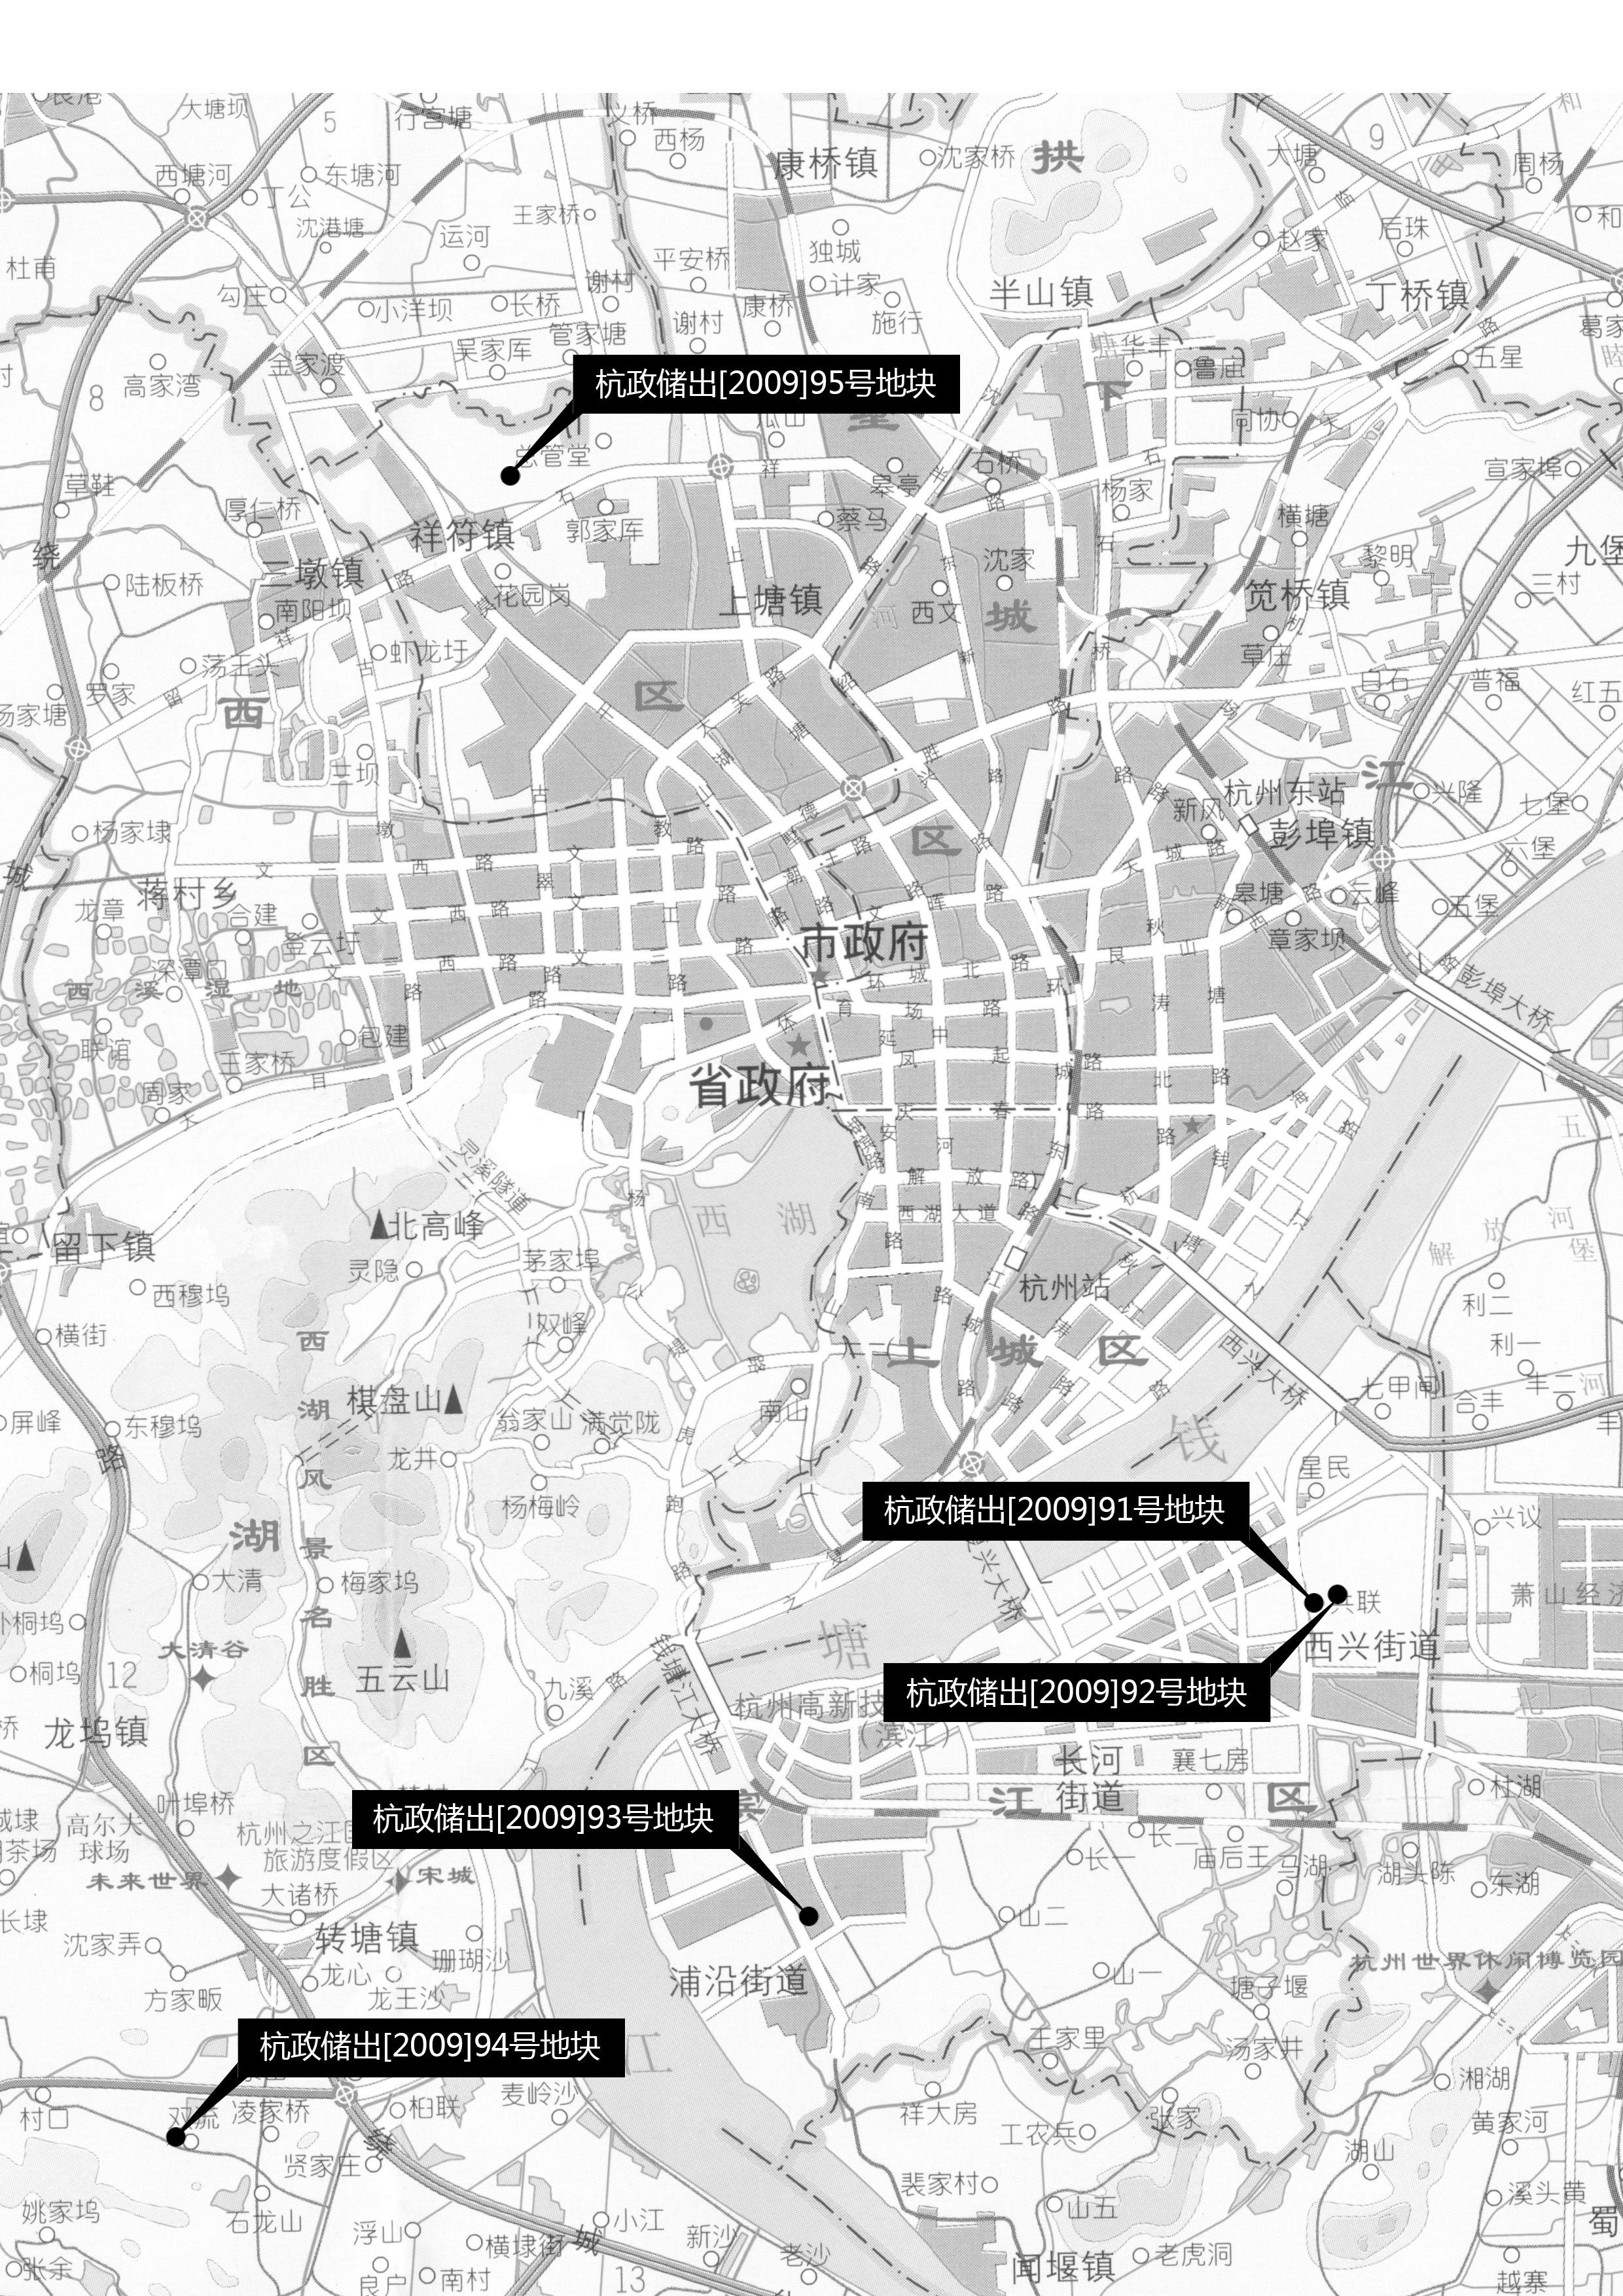 2009年12月24日杭州土地出让信息 城东首推两宅地试水